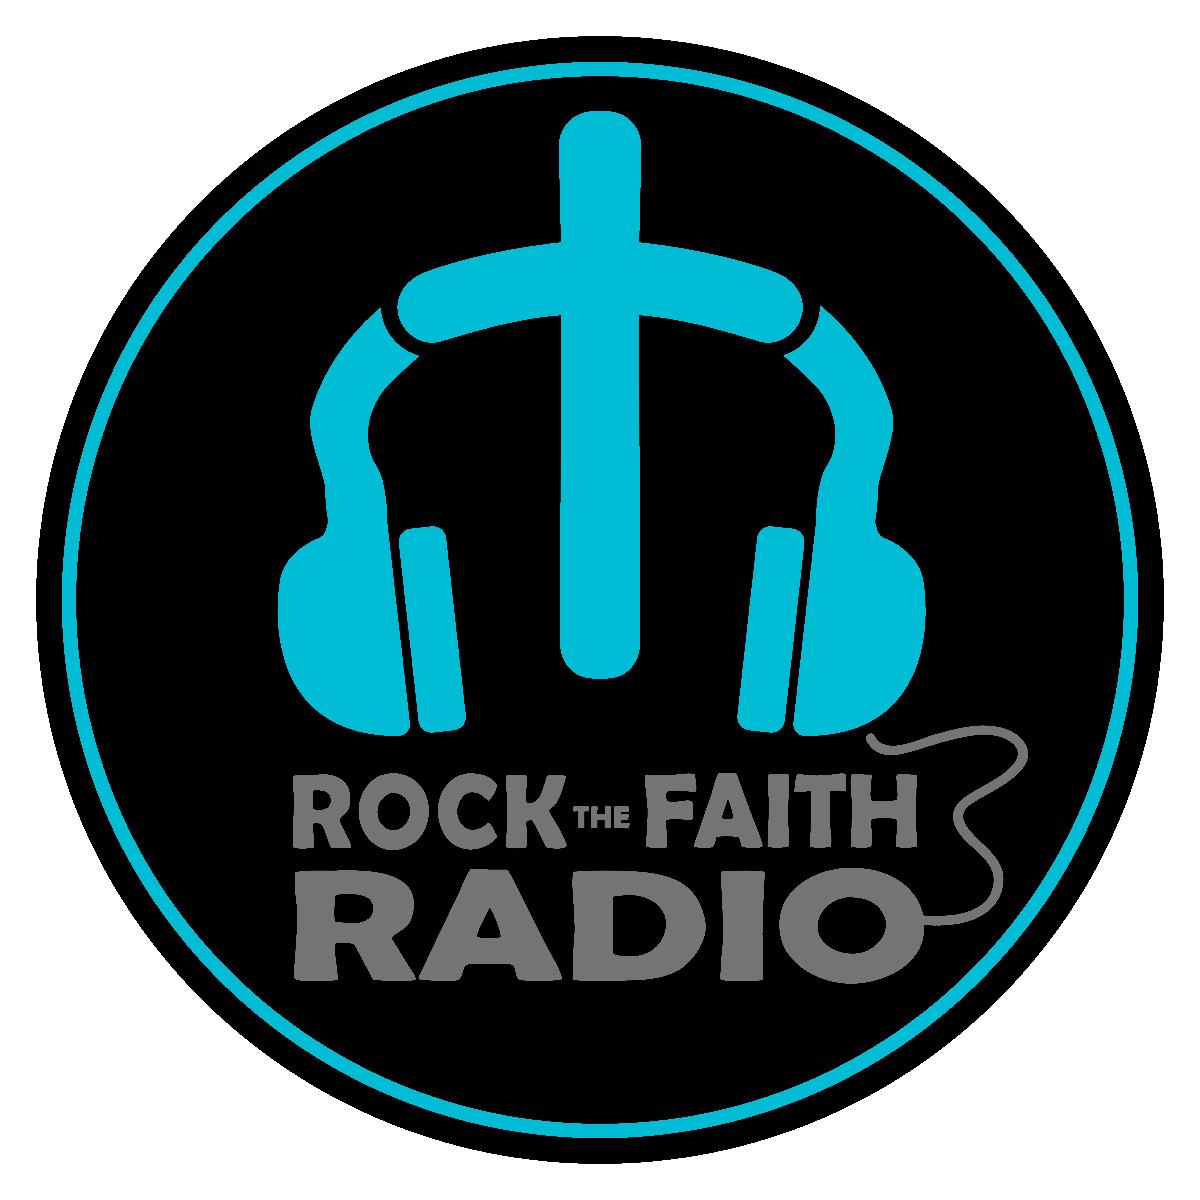 ROCK THE FAITH